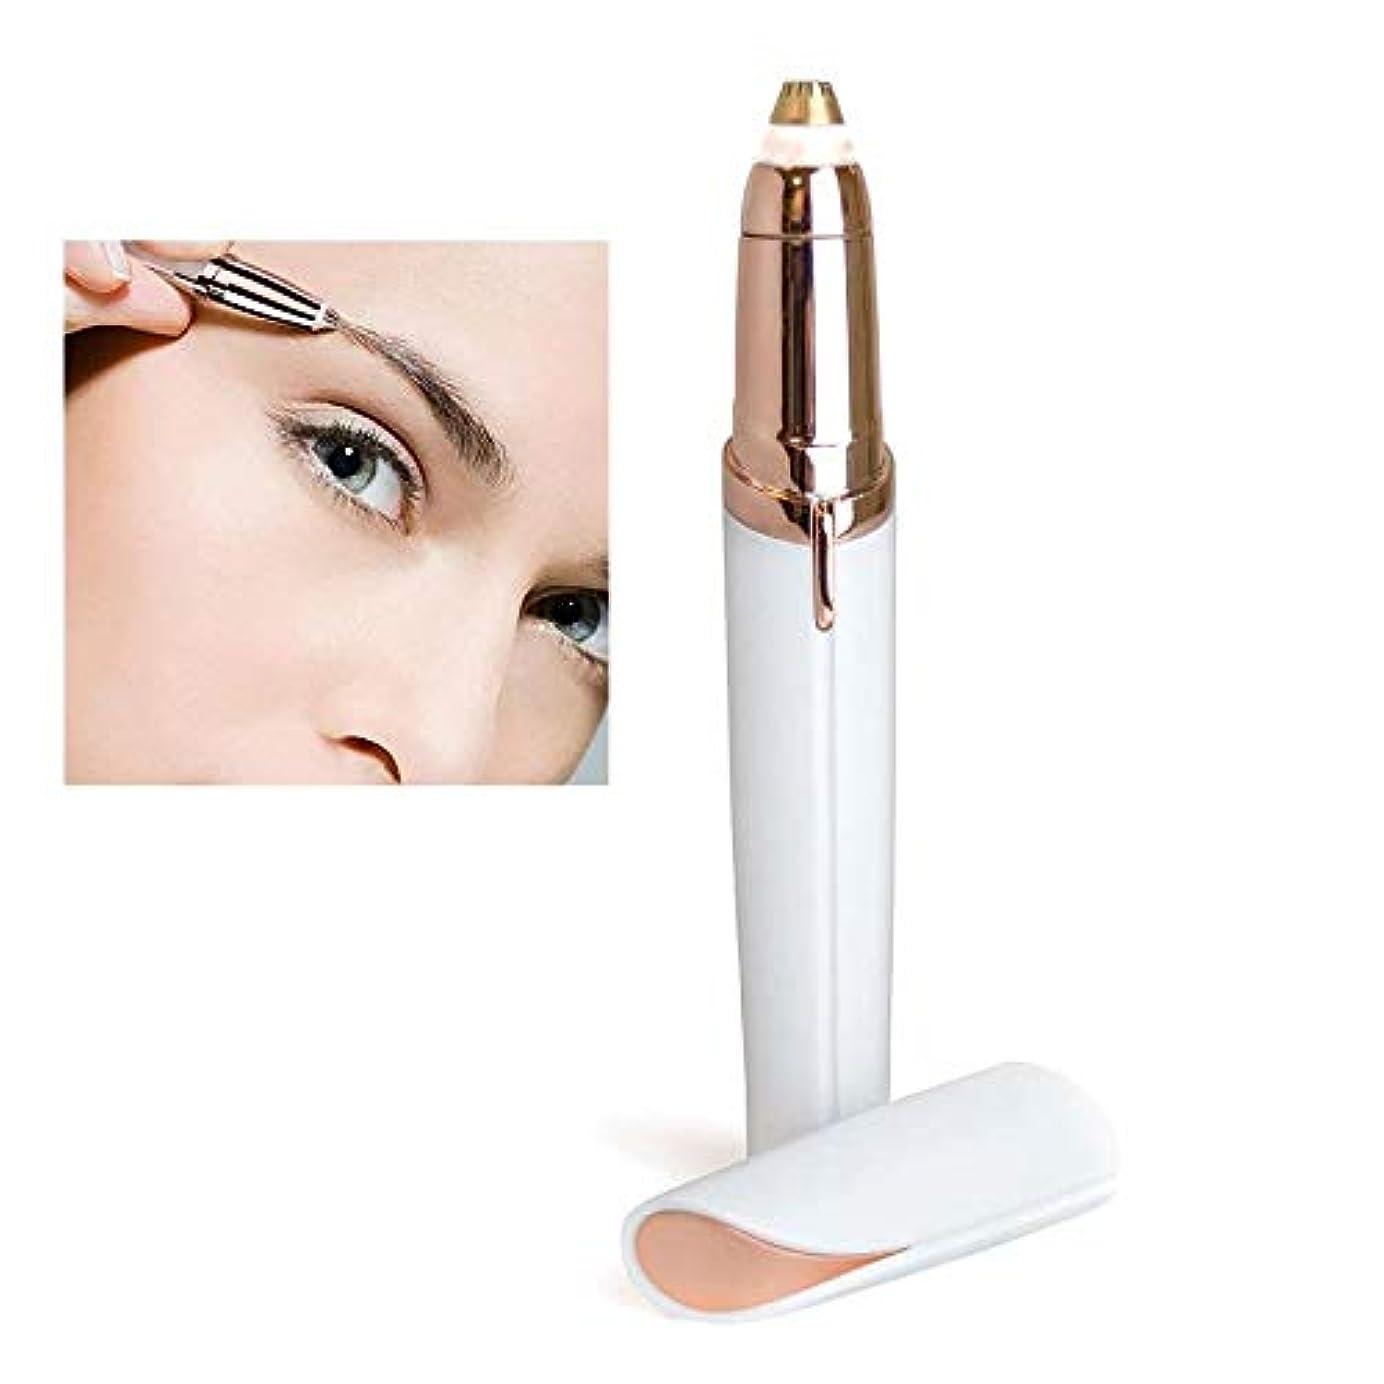 アイロニー自体細分化するThread Eyebrows Women Epilator Eyebrow Repair Hair Removal Machine Painless Mini Lipstick Epilator Hair Removal...